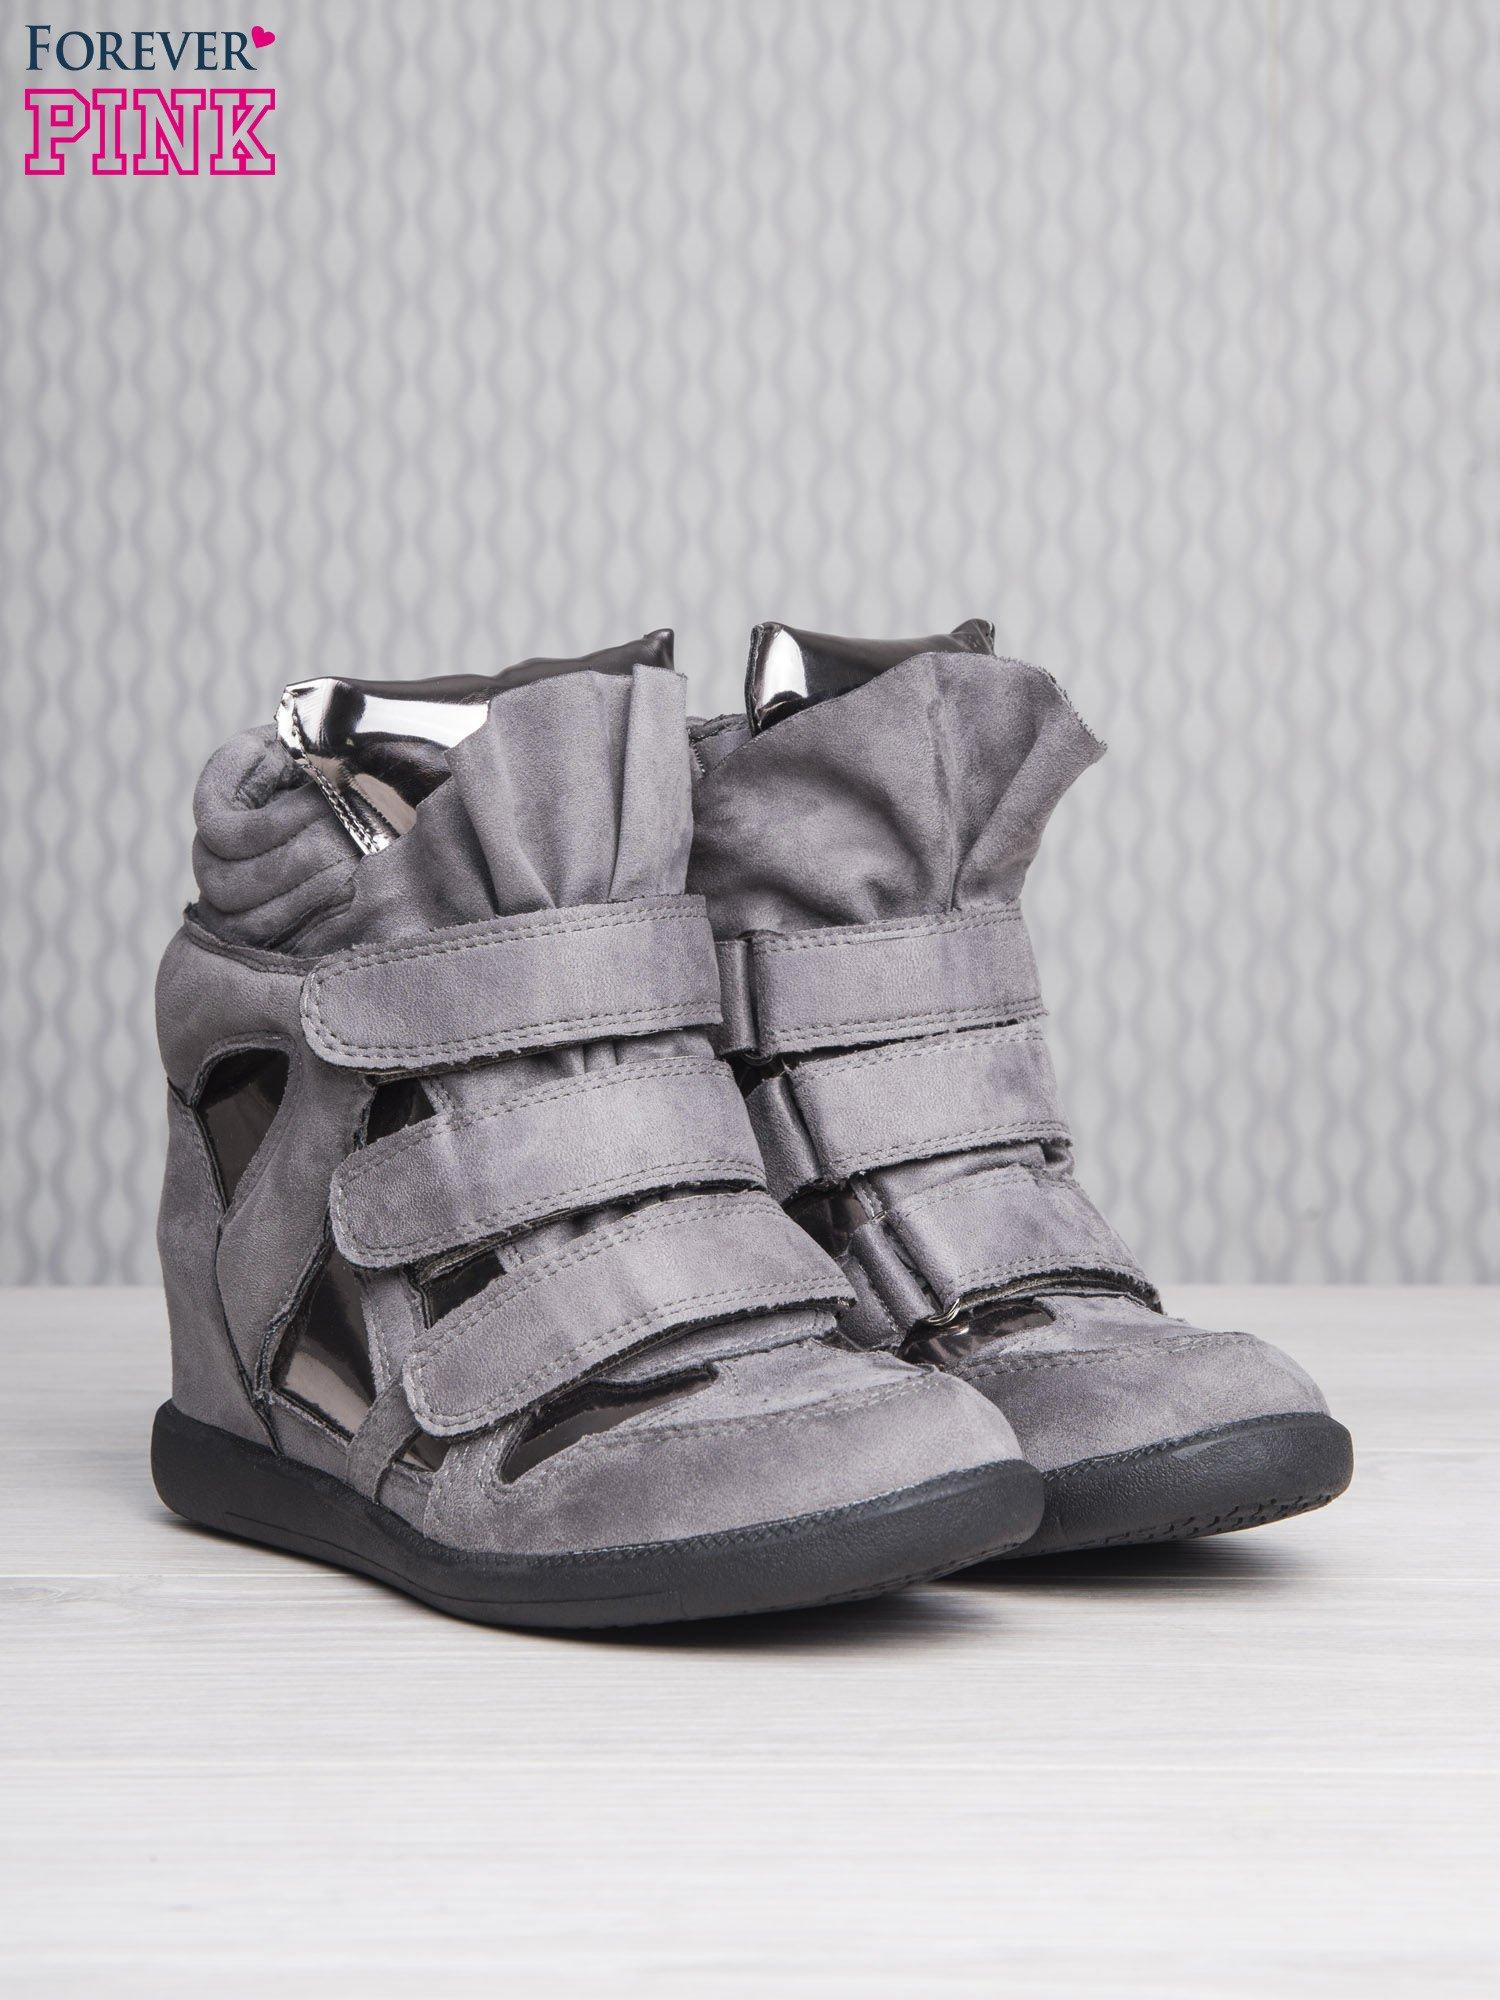 Srebrne zamszowe sneakersy damskie na rzepy Verity z lustrzanymi wstawkami                                  zdj.                                  3